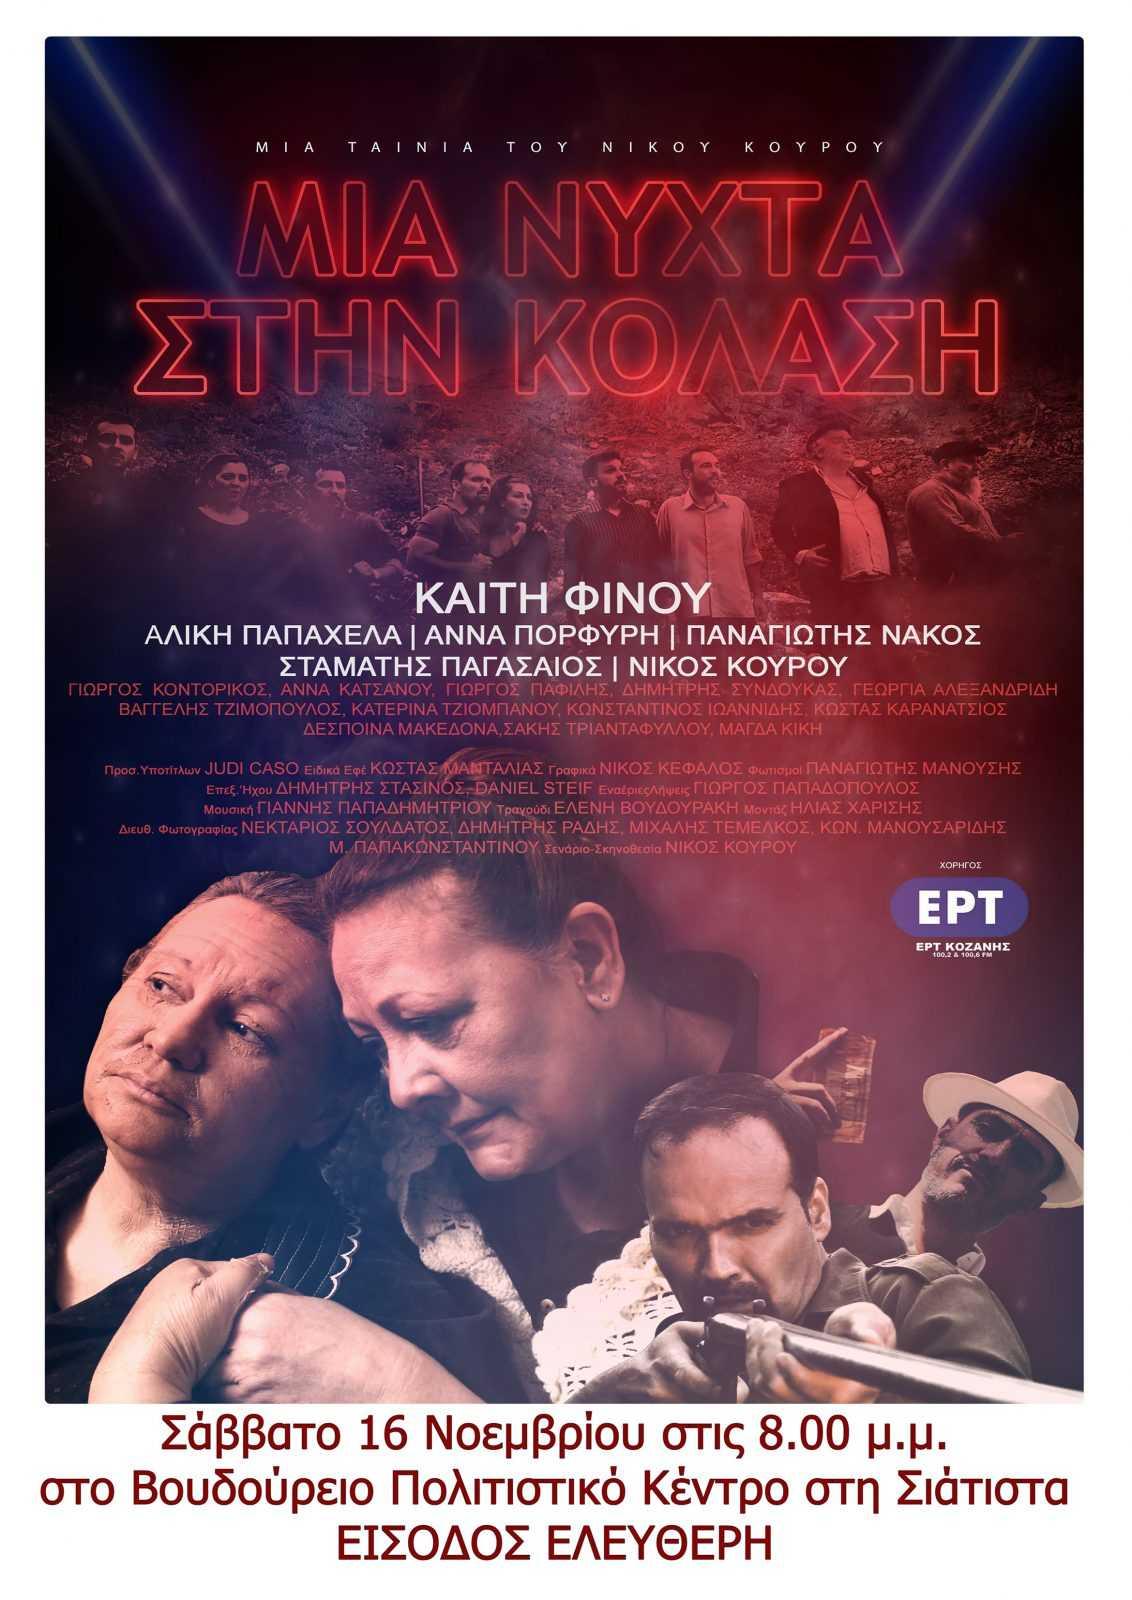 Η ταινία του Νίκου Κουρού «Μια Νύχτα στην Κόλαση» στη Σιάτιστα, σ' ένα από τα μέρη όπου γυρίστηκε